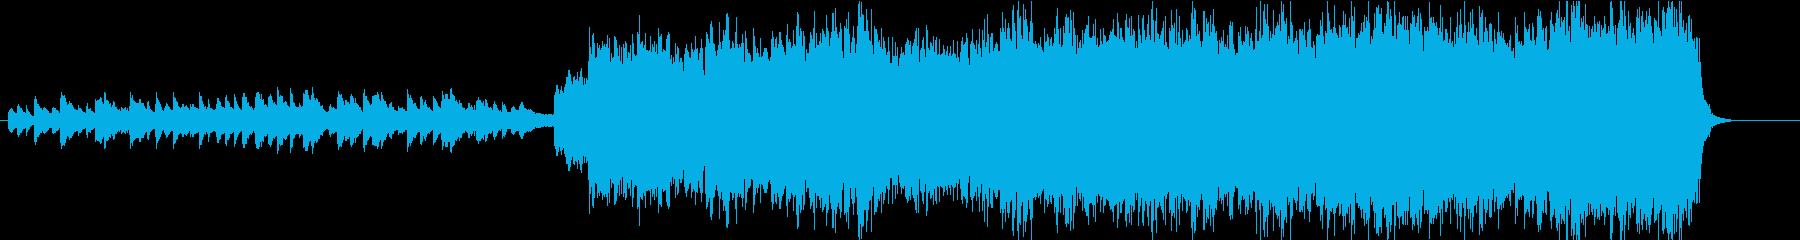 RPGのオープニングの様なオーケストラの再生済みの波形